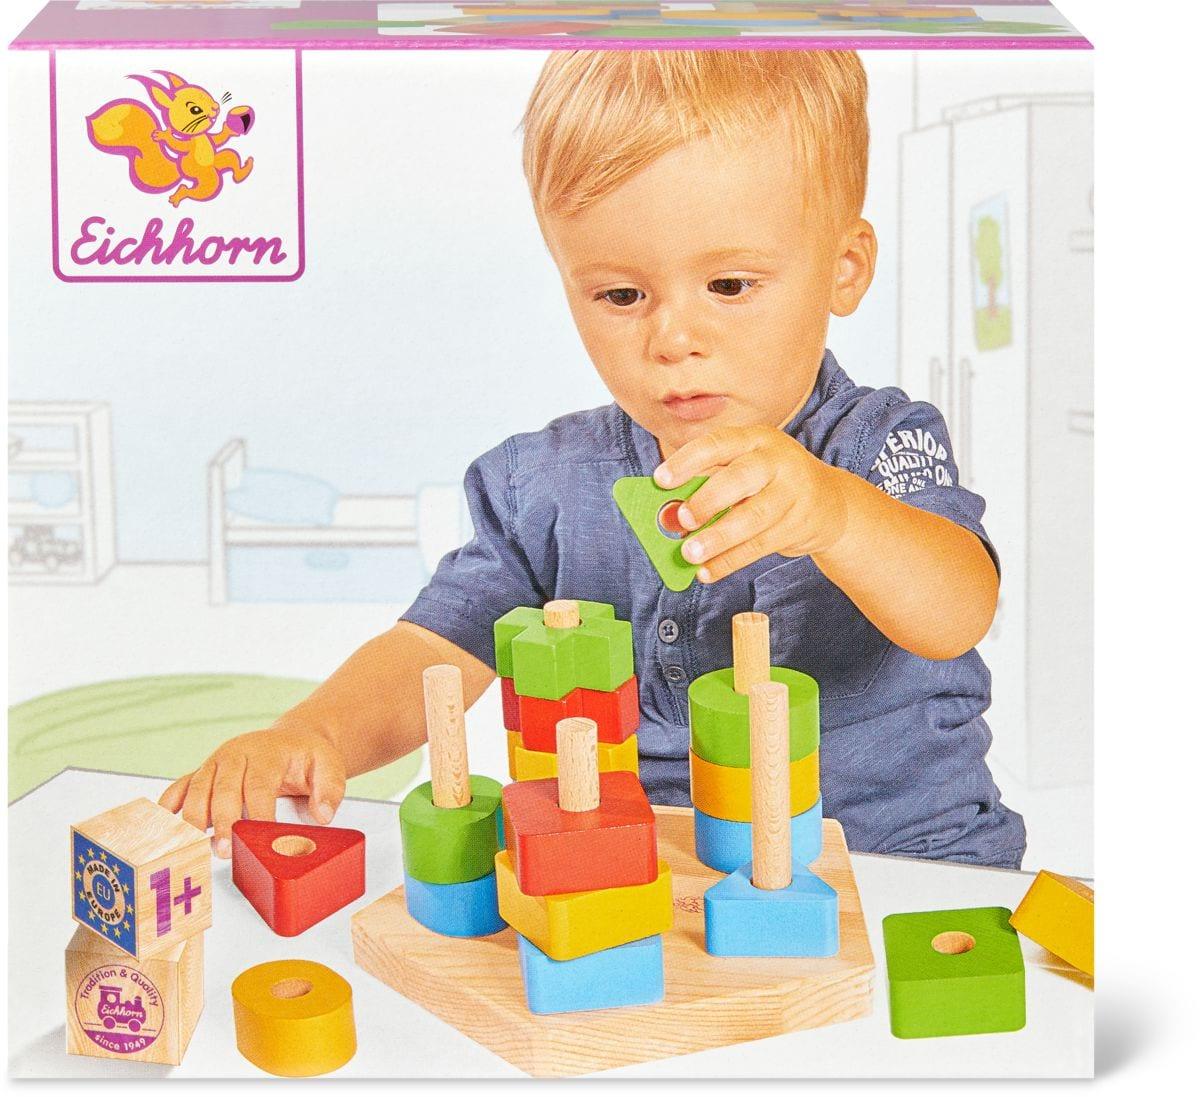 Eichhorn Stacking giocattolo (FSC®) Set di giocattoli